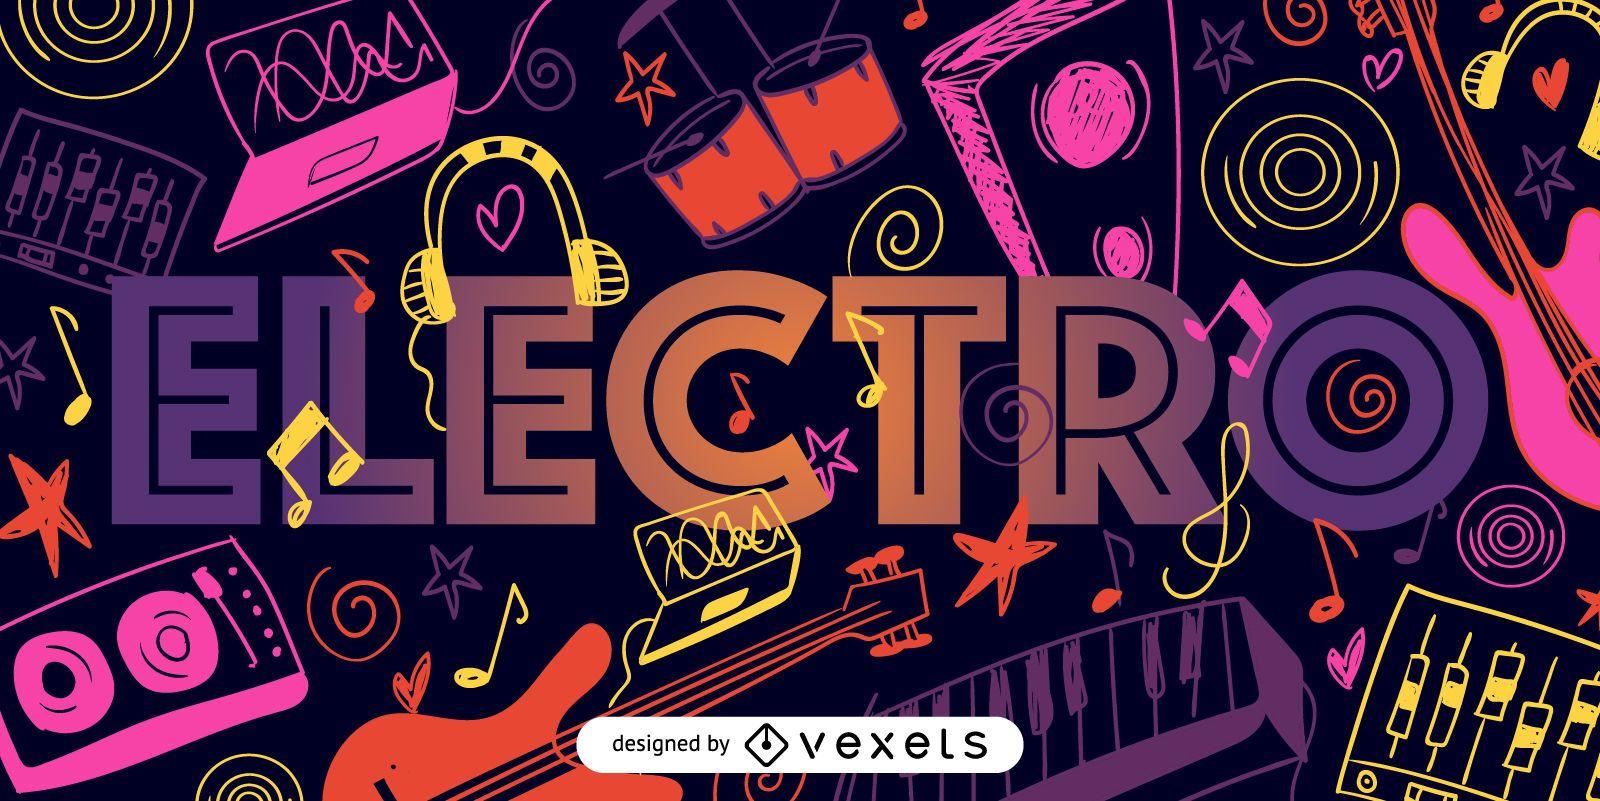 Póster ilustrado de música electro